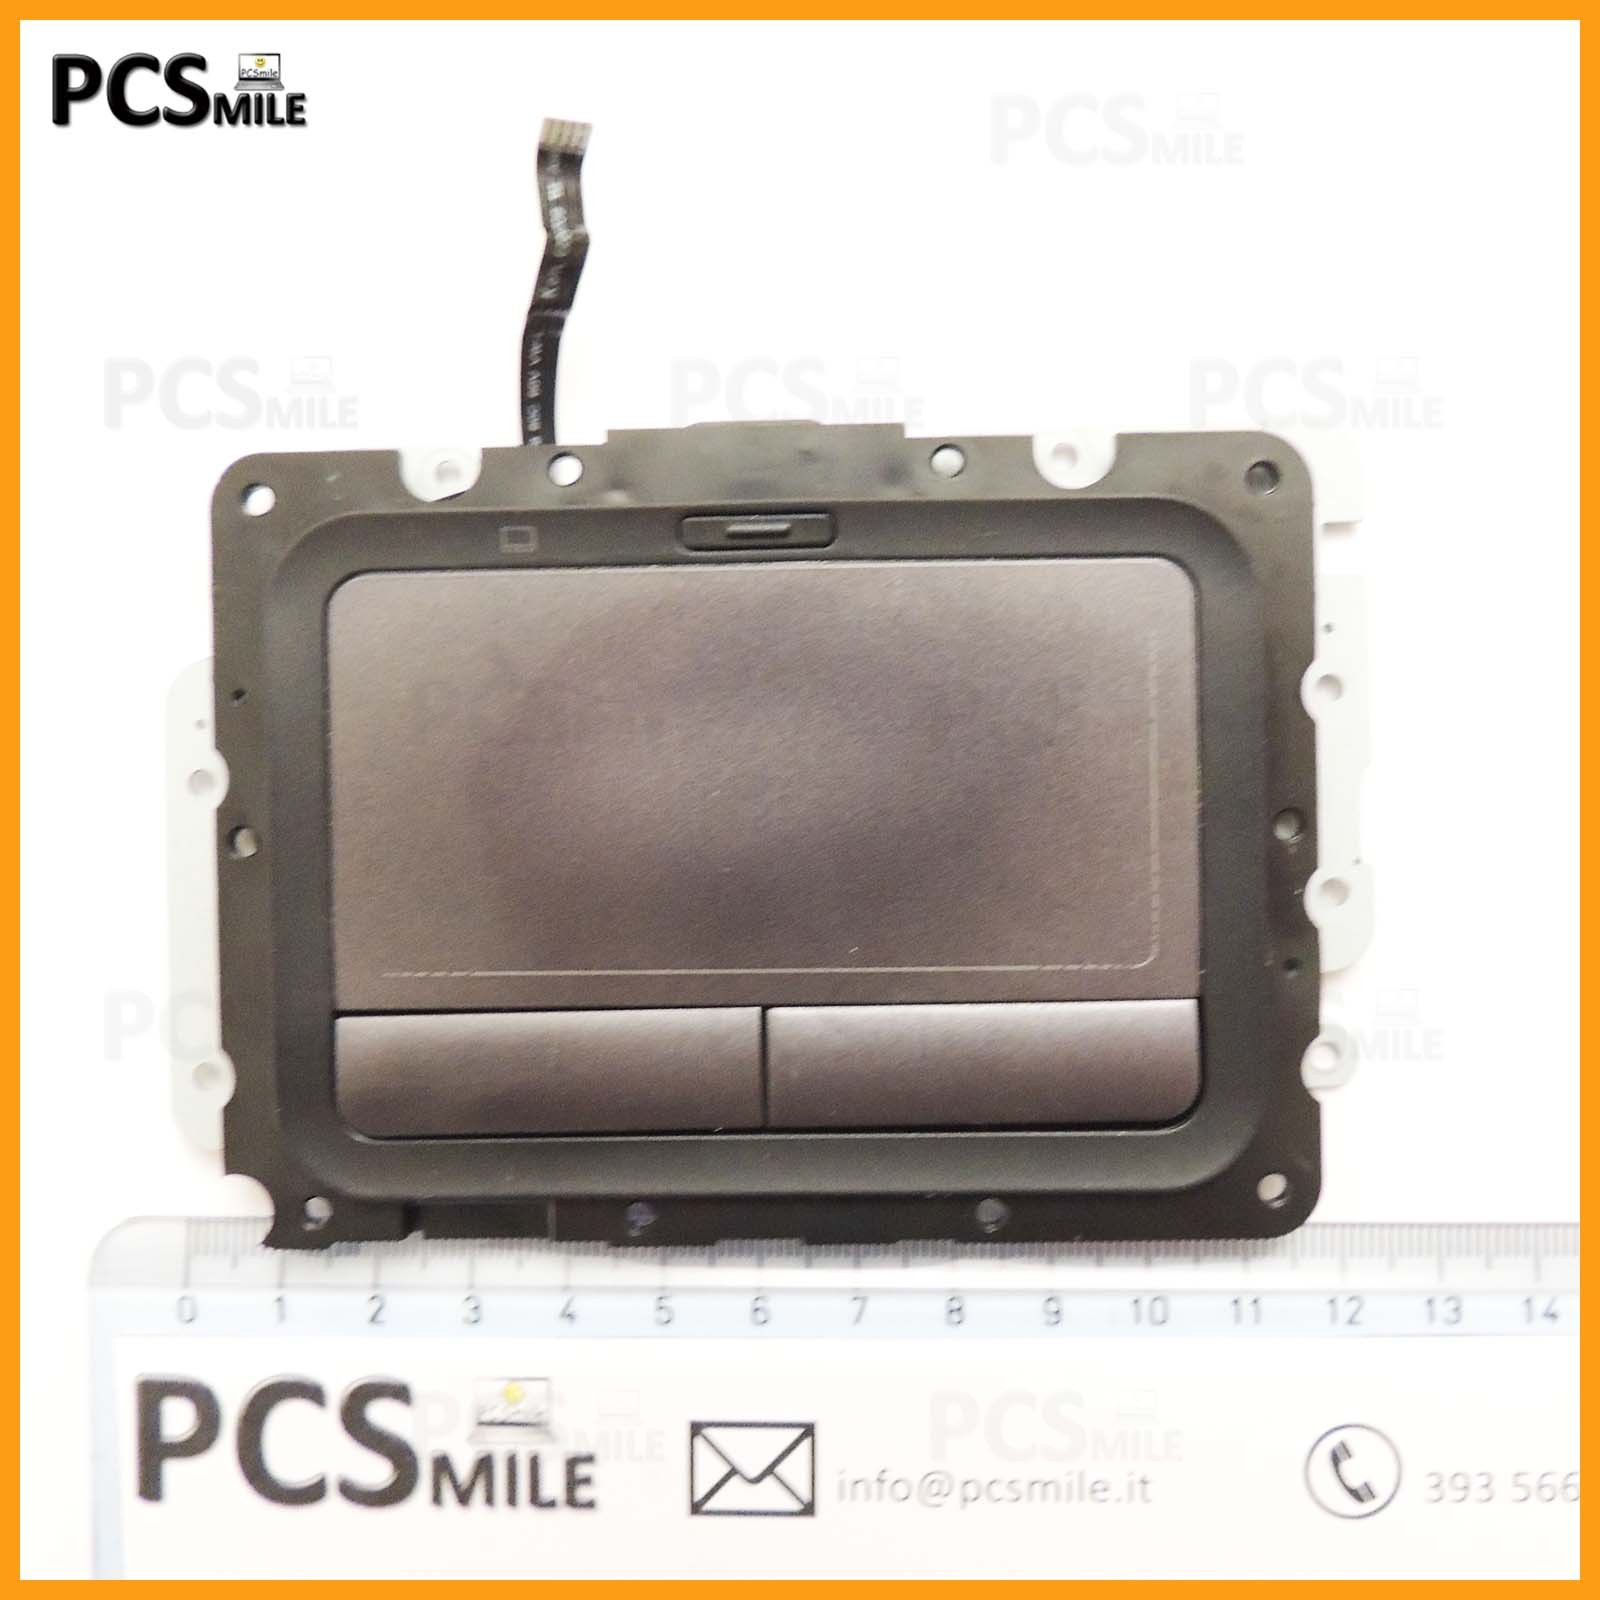 Touchpad Presario F700 HP Compaq Bottoni tasti 920-000701-02 Rev a